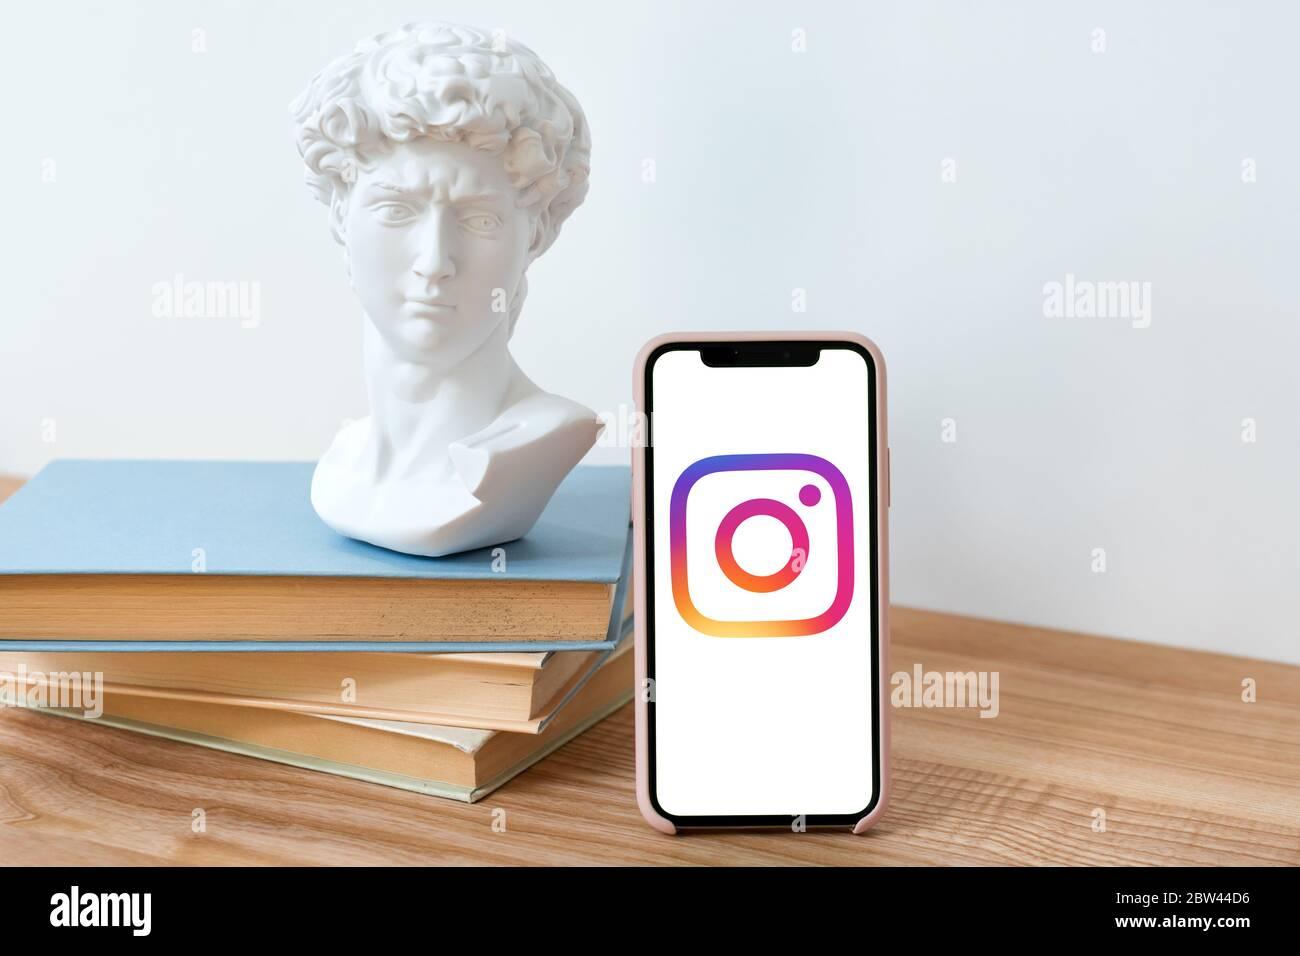 Kiev, Ucrania - 28 de mayo de 2020: Logotipo Instagram en iPhone X pantalla en mesa de madera con libros y David busto estatua. Red de redes sociales. Foto de stock